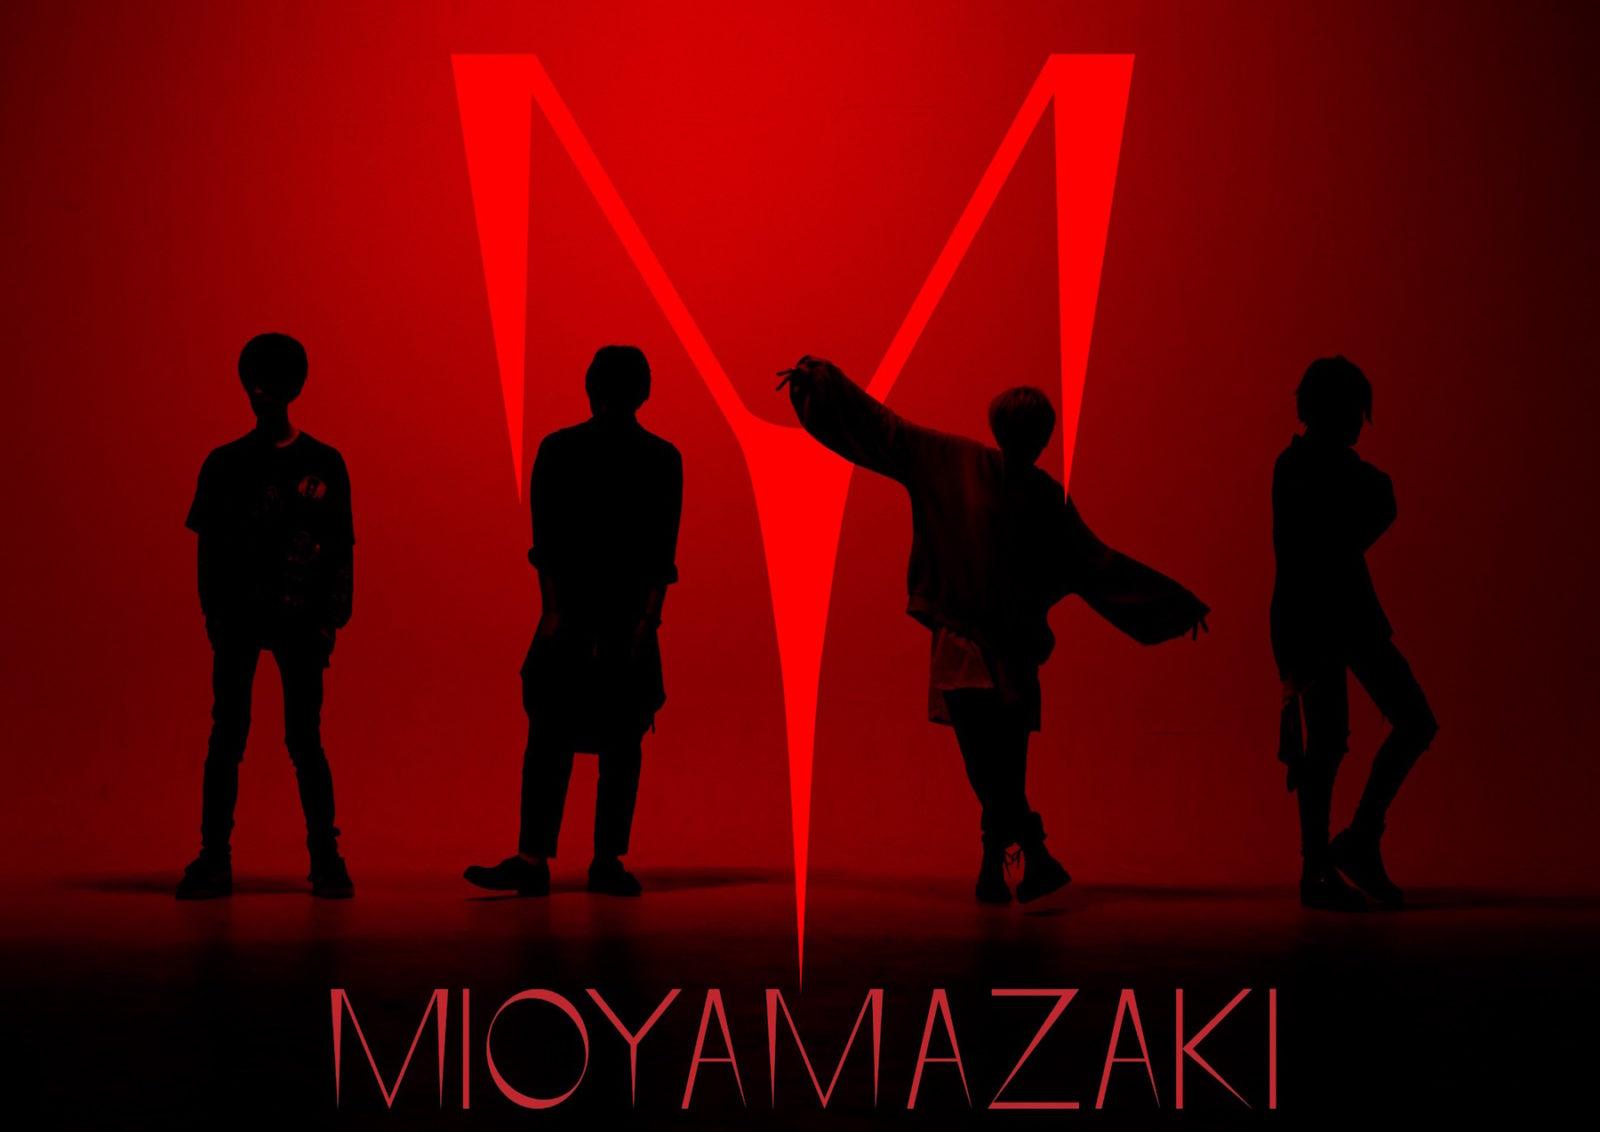 ミオヤマザキ、即完のツアーファイナル・プレミアムライブをニコ生で生中継決定サムネイル画像